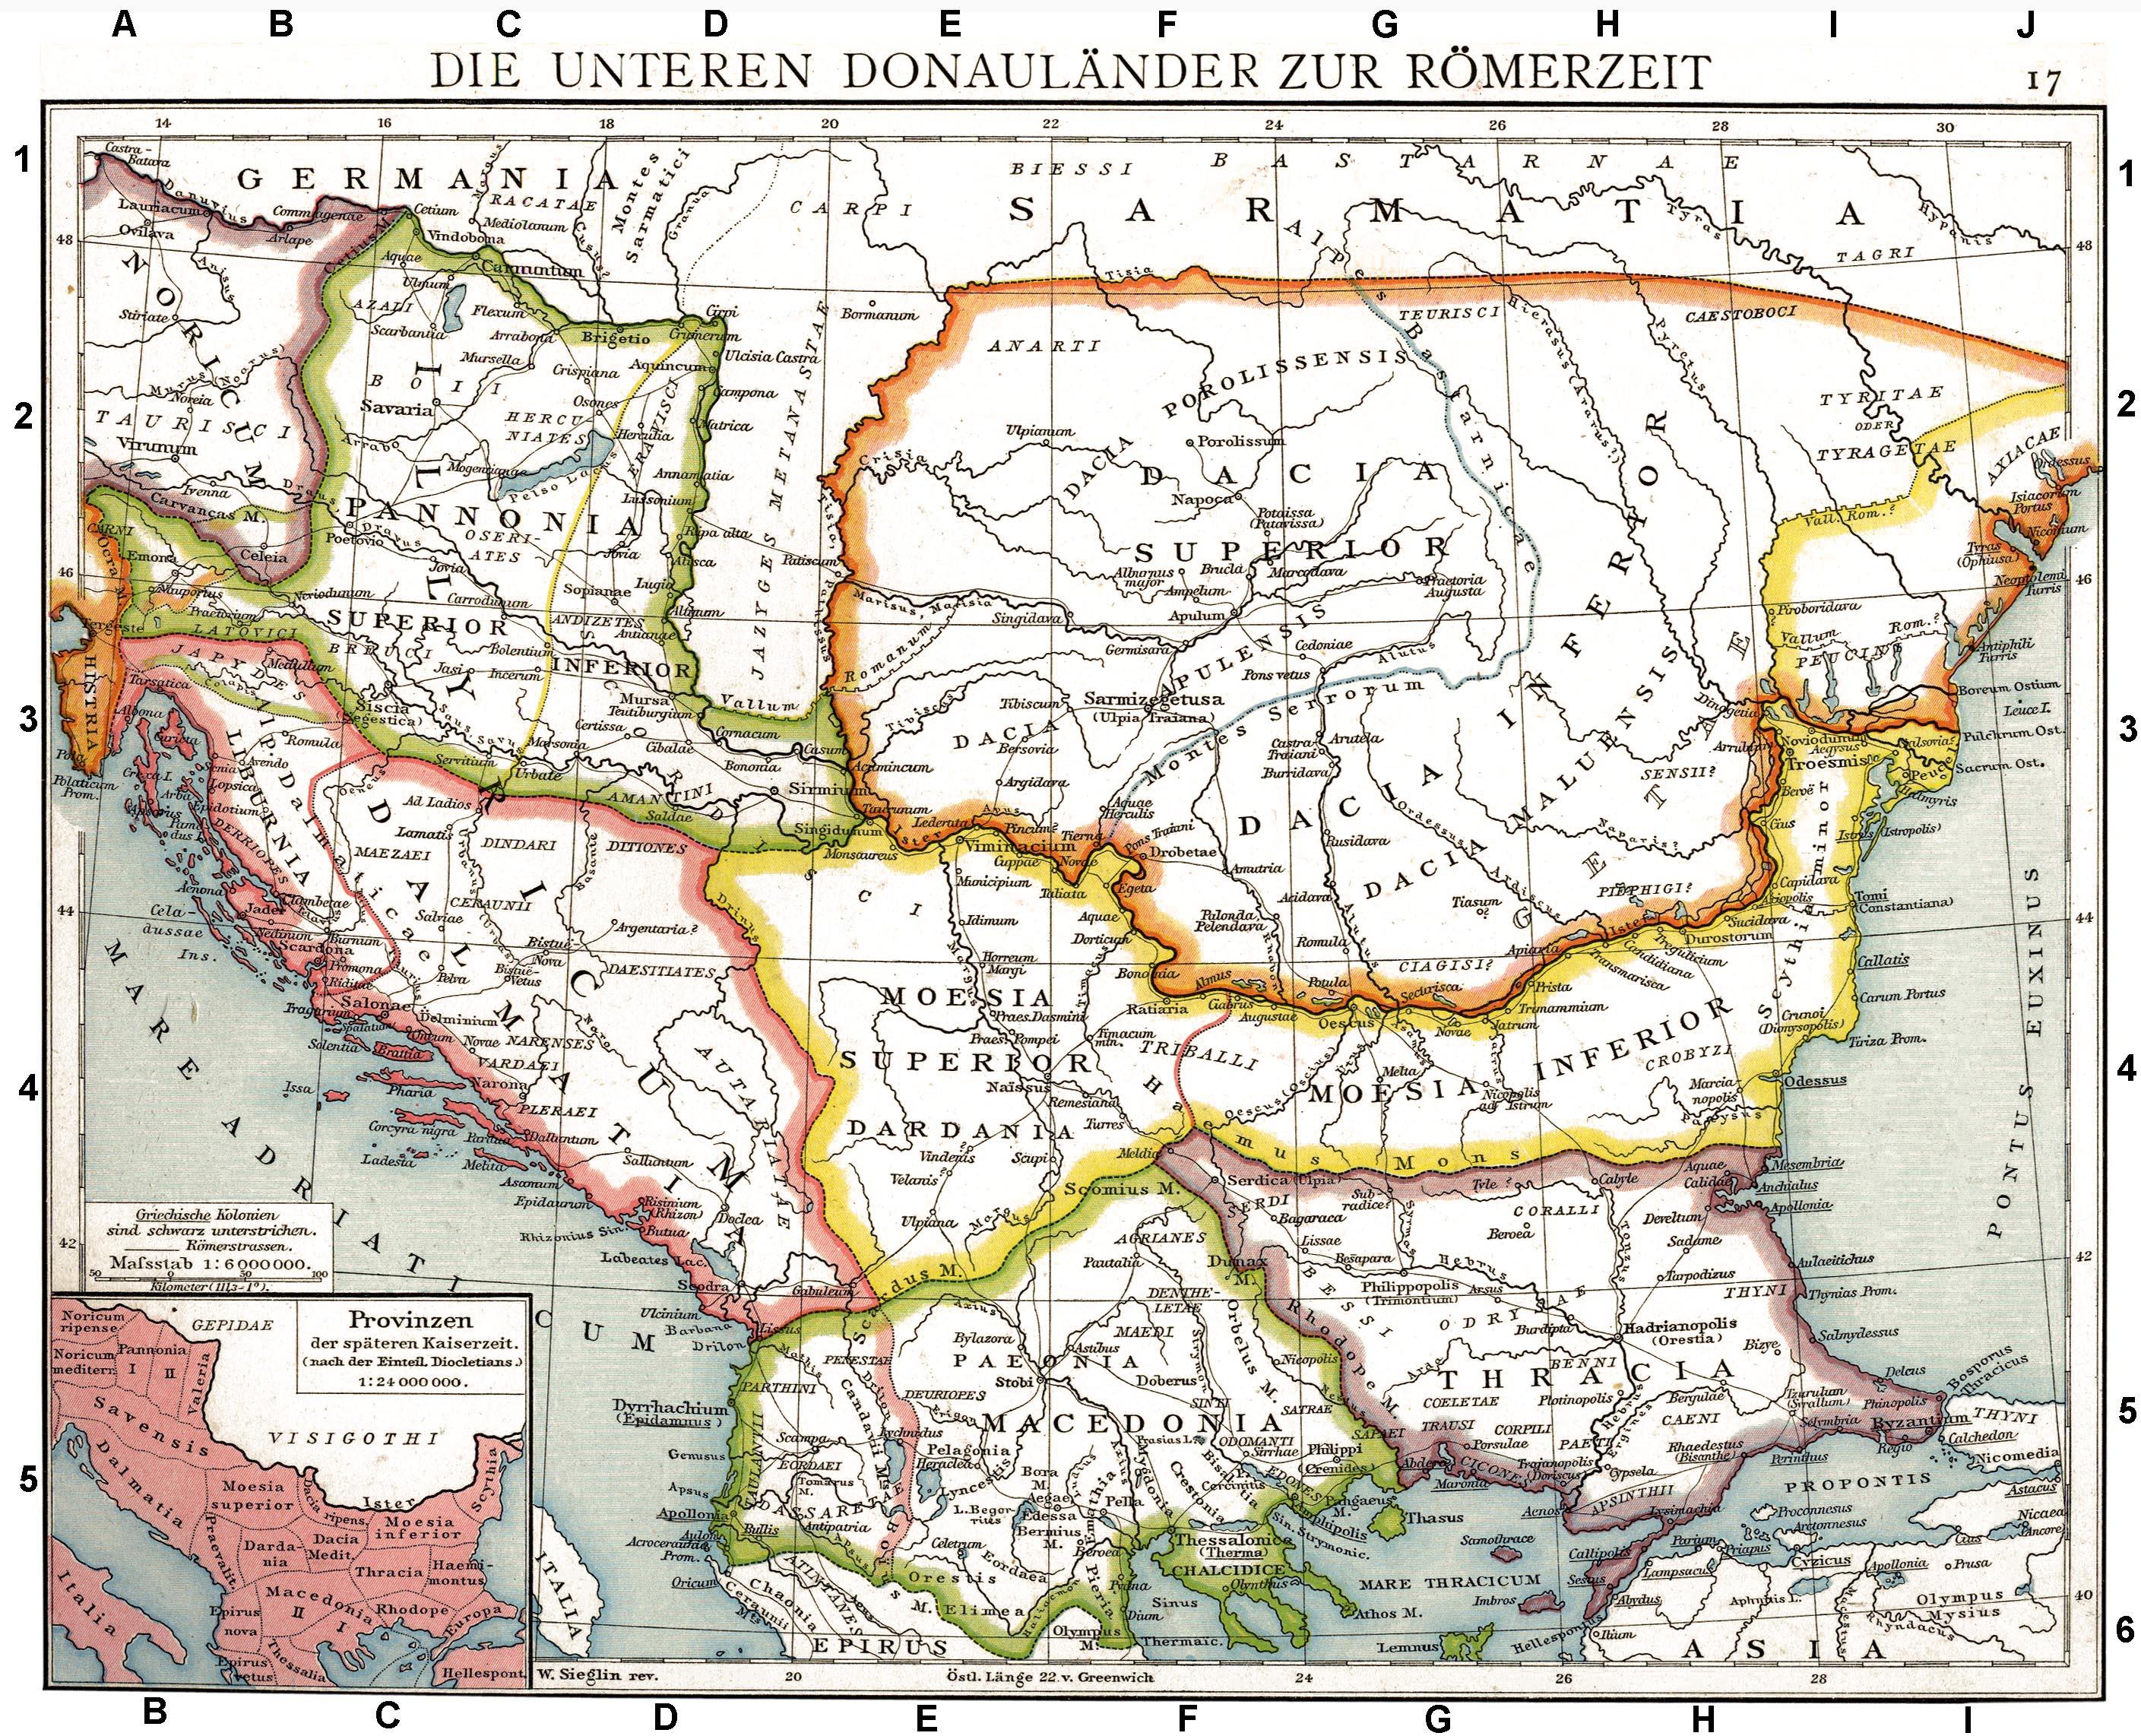 Provincias de Ilírico, Macedonia, Moesia, Panonia y Tracia en tiempos de los romanos. Mapa de Droysens Historical Atlas, 1886.